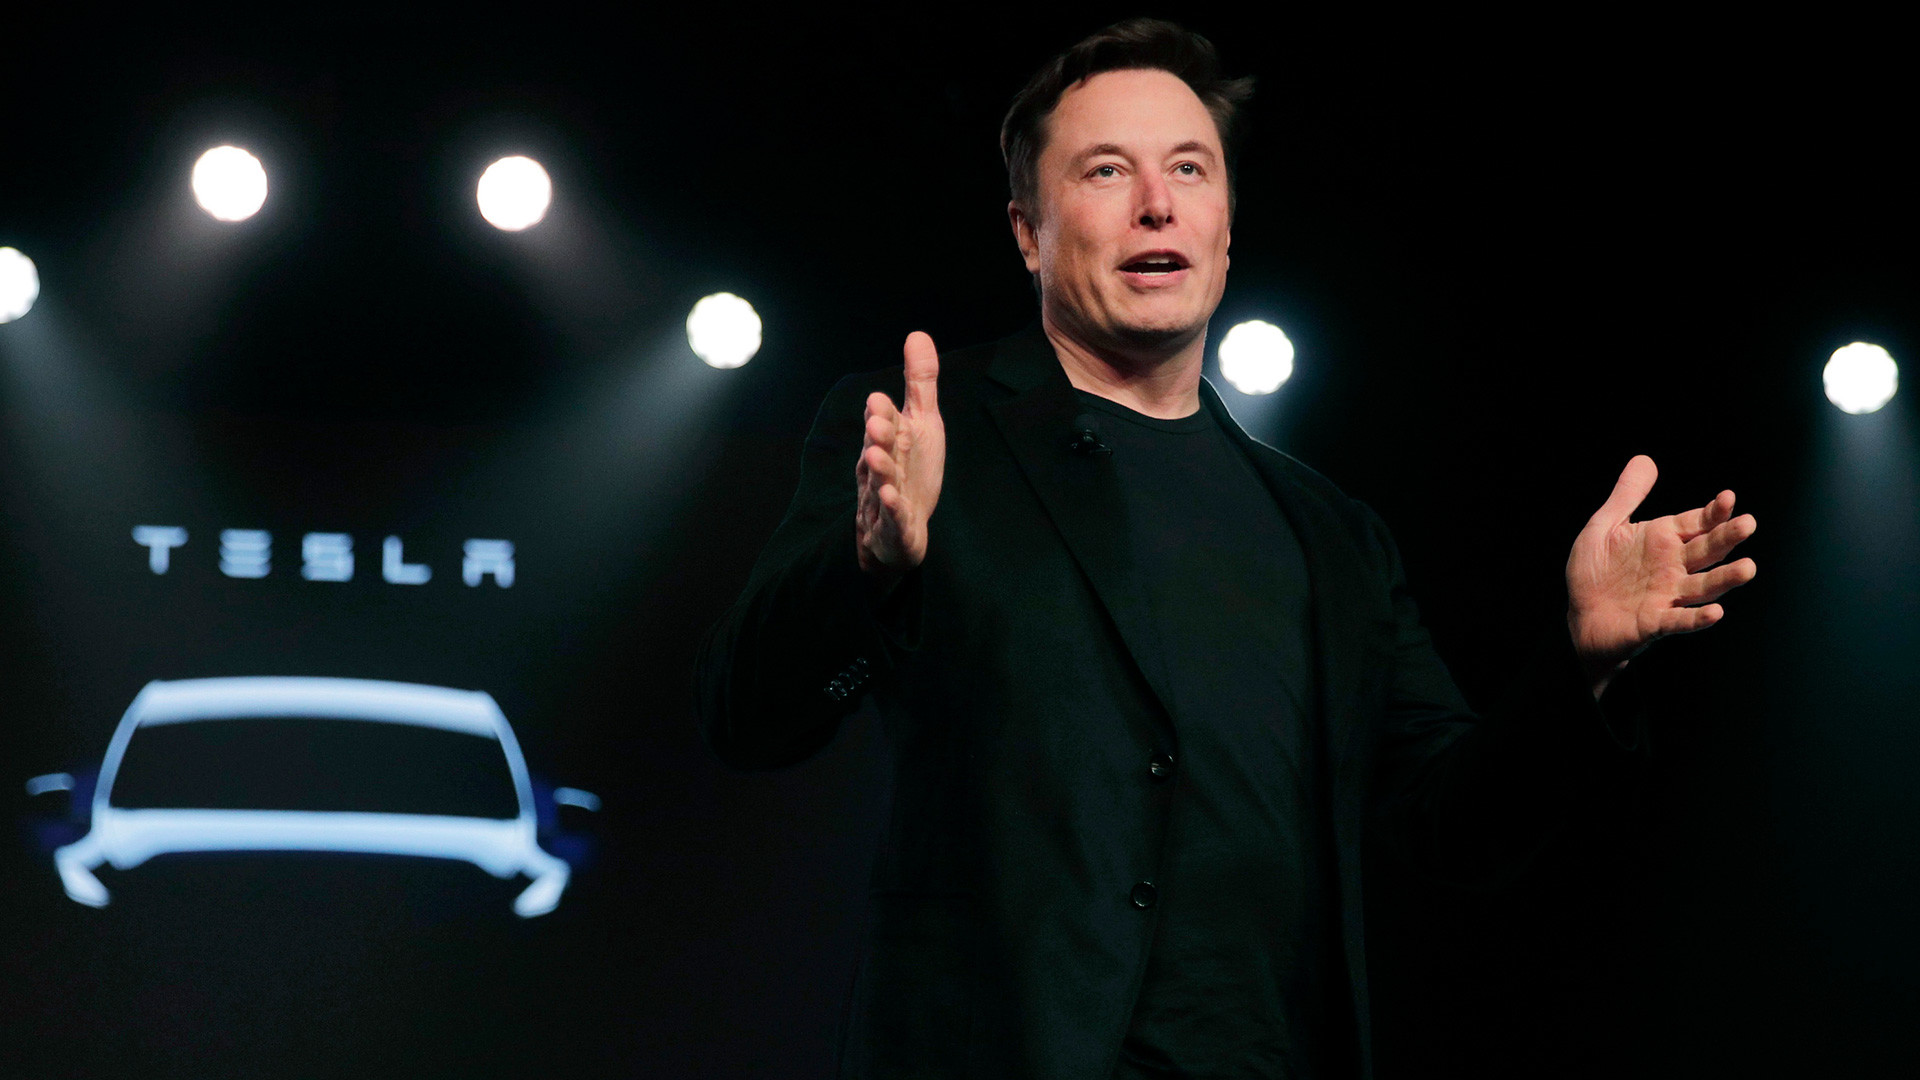 Elon Musk prend la parole avant de dévoiler le modèle Y au studio de design de Tesla